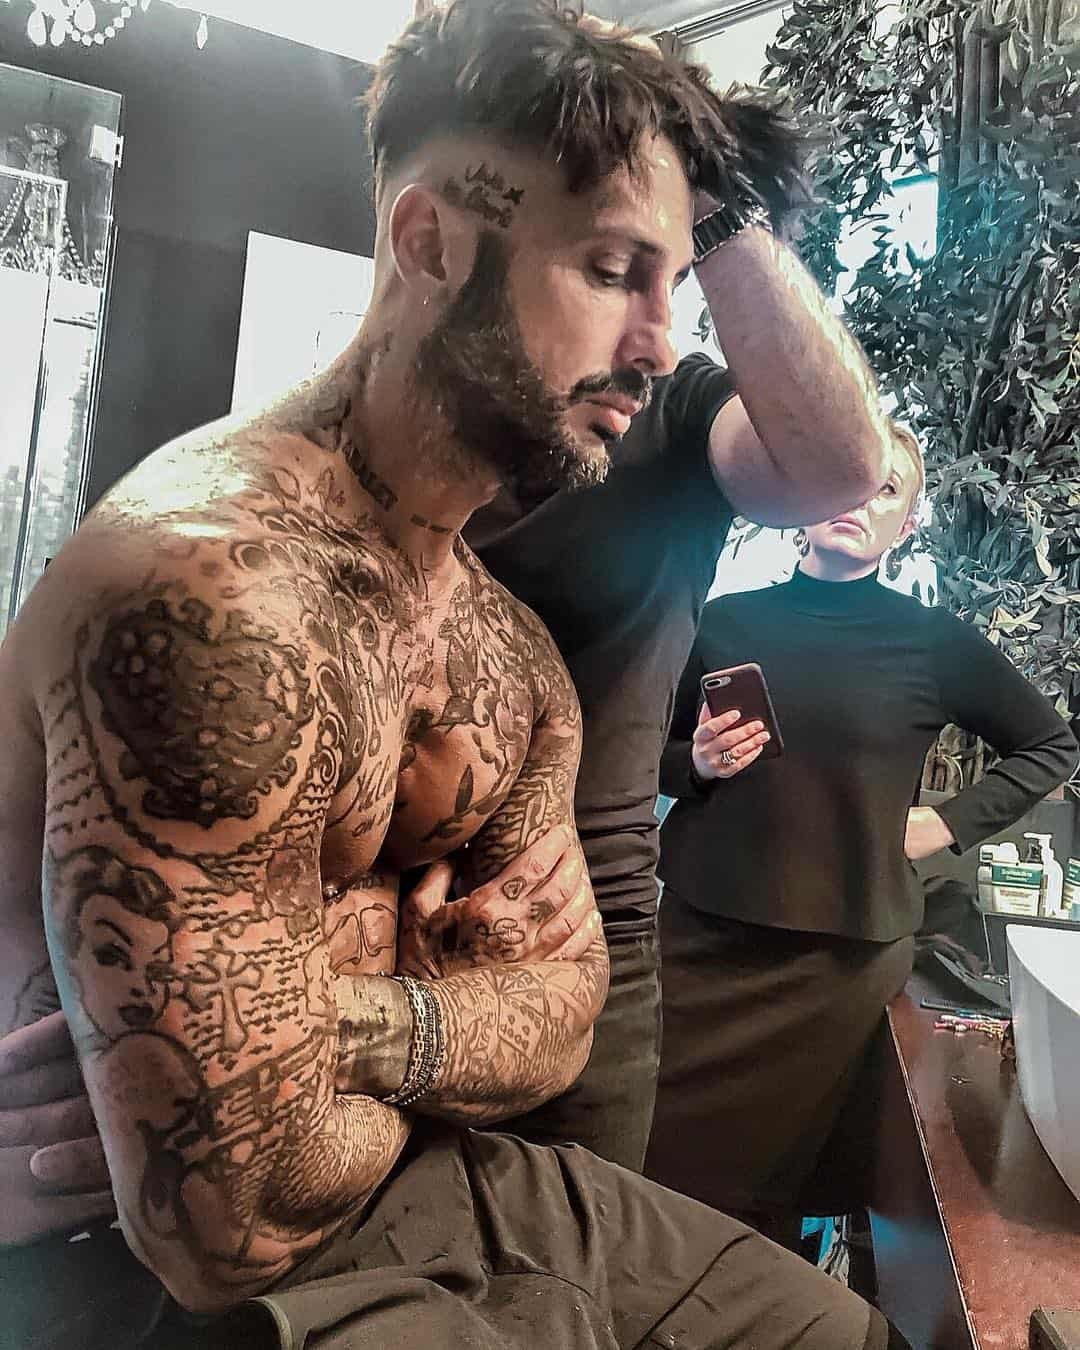 tattoo braccio destro photocredit @fabriziocoronareal